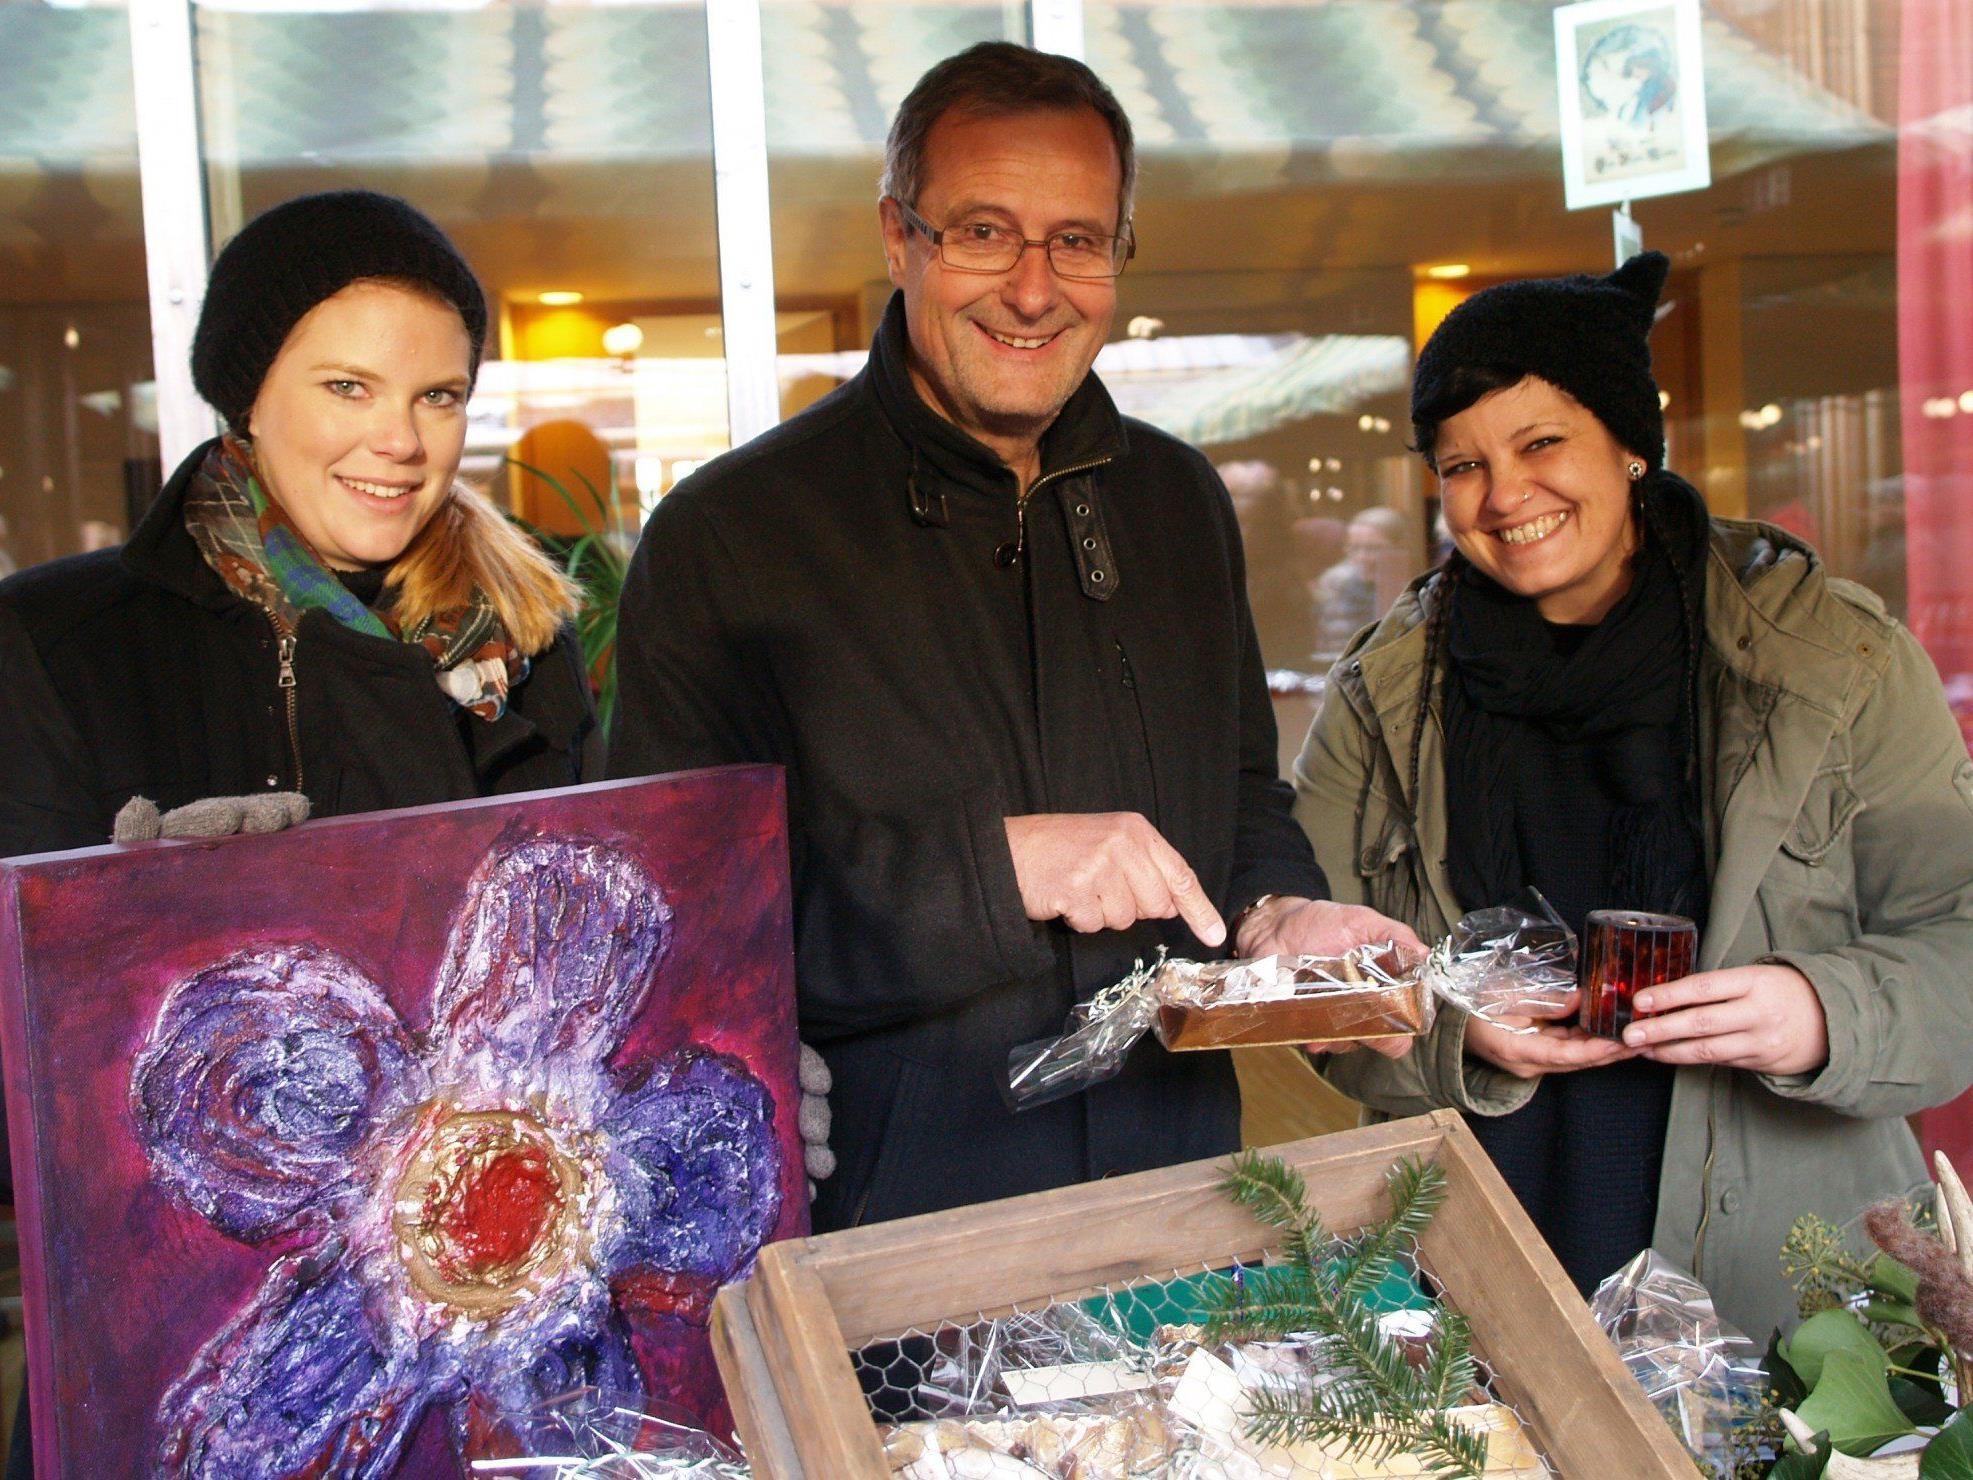 Vorderlandhus Geschäftsführer Hartwig Längle mit Mitarbeiterin Katrin Längle und Nicole Beck von der Offenen Jugendarbeit.